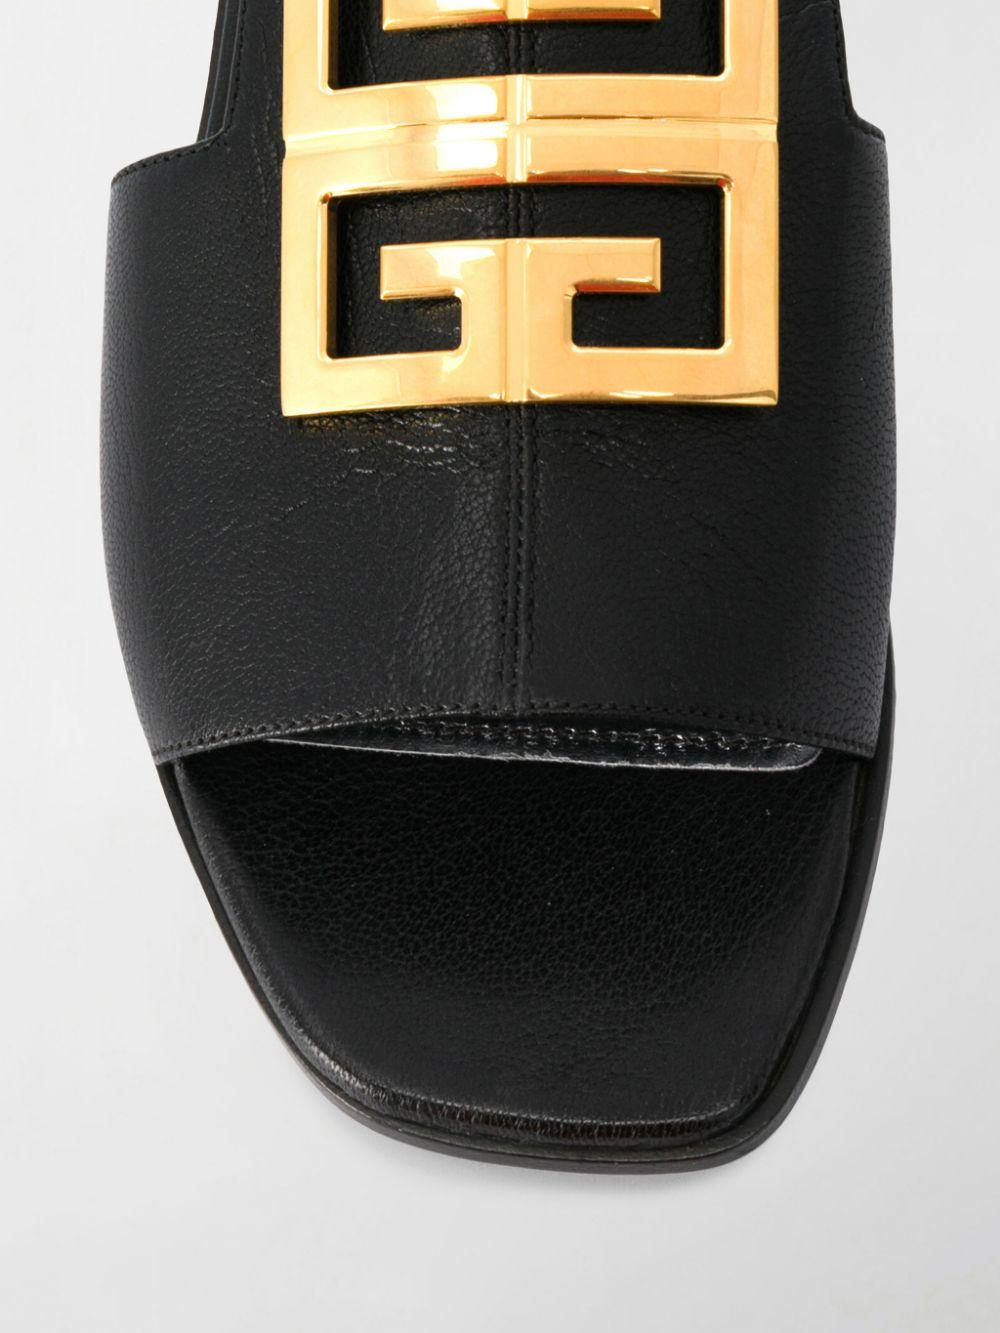 sandalo basso nero piatto in pelle con logo in metallo dorato Givenchy GIVENCHY   Scarpa   BE303AE05V001